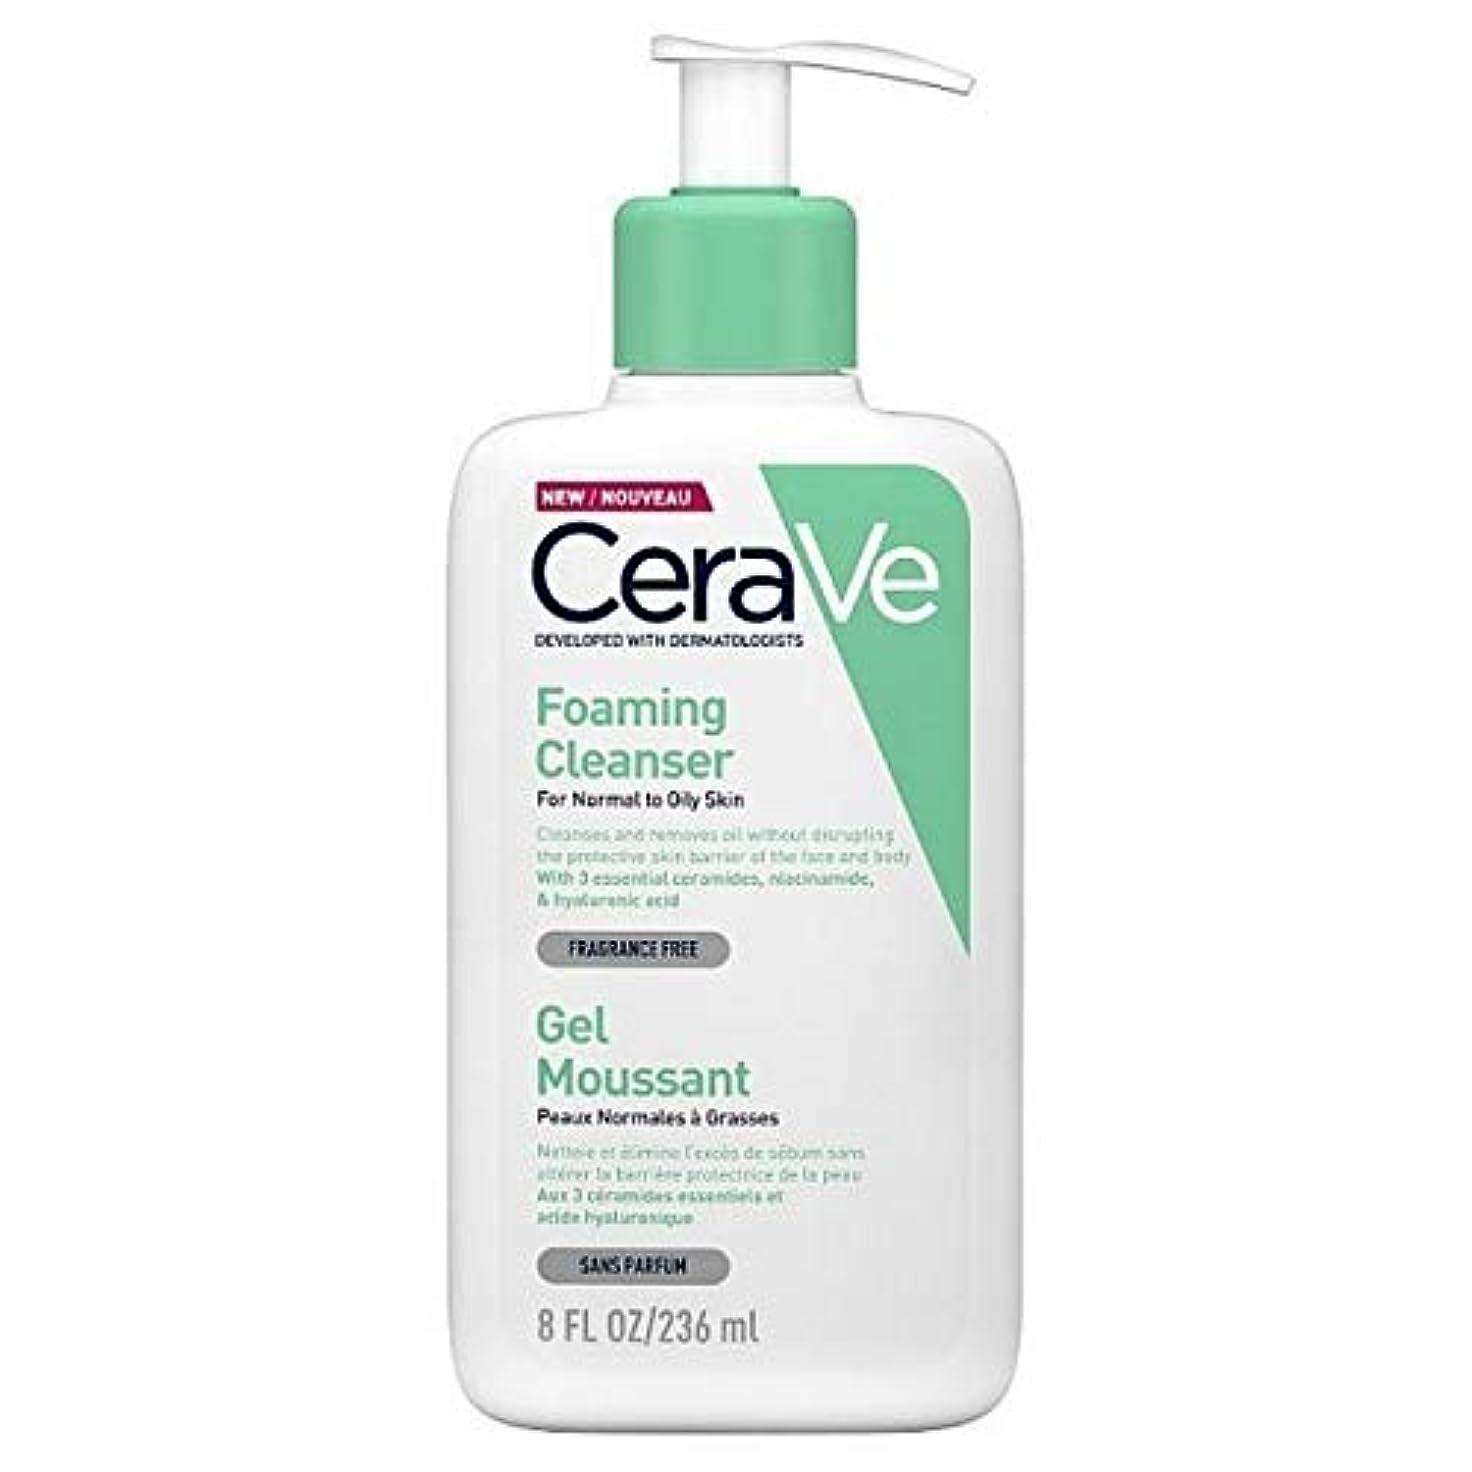 分類するポータル山[CeraVe] Ceraveフォーミングクレンザーの236ミリリットル - CeraVe Foaming Cleanser 236ml [並行輸入品]